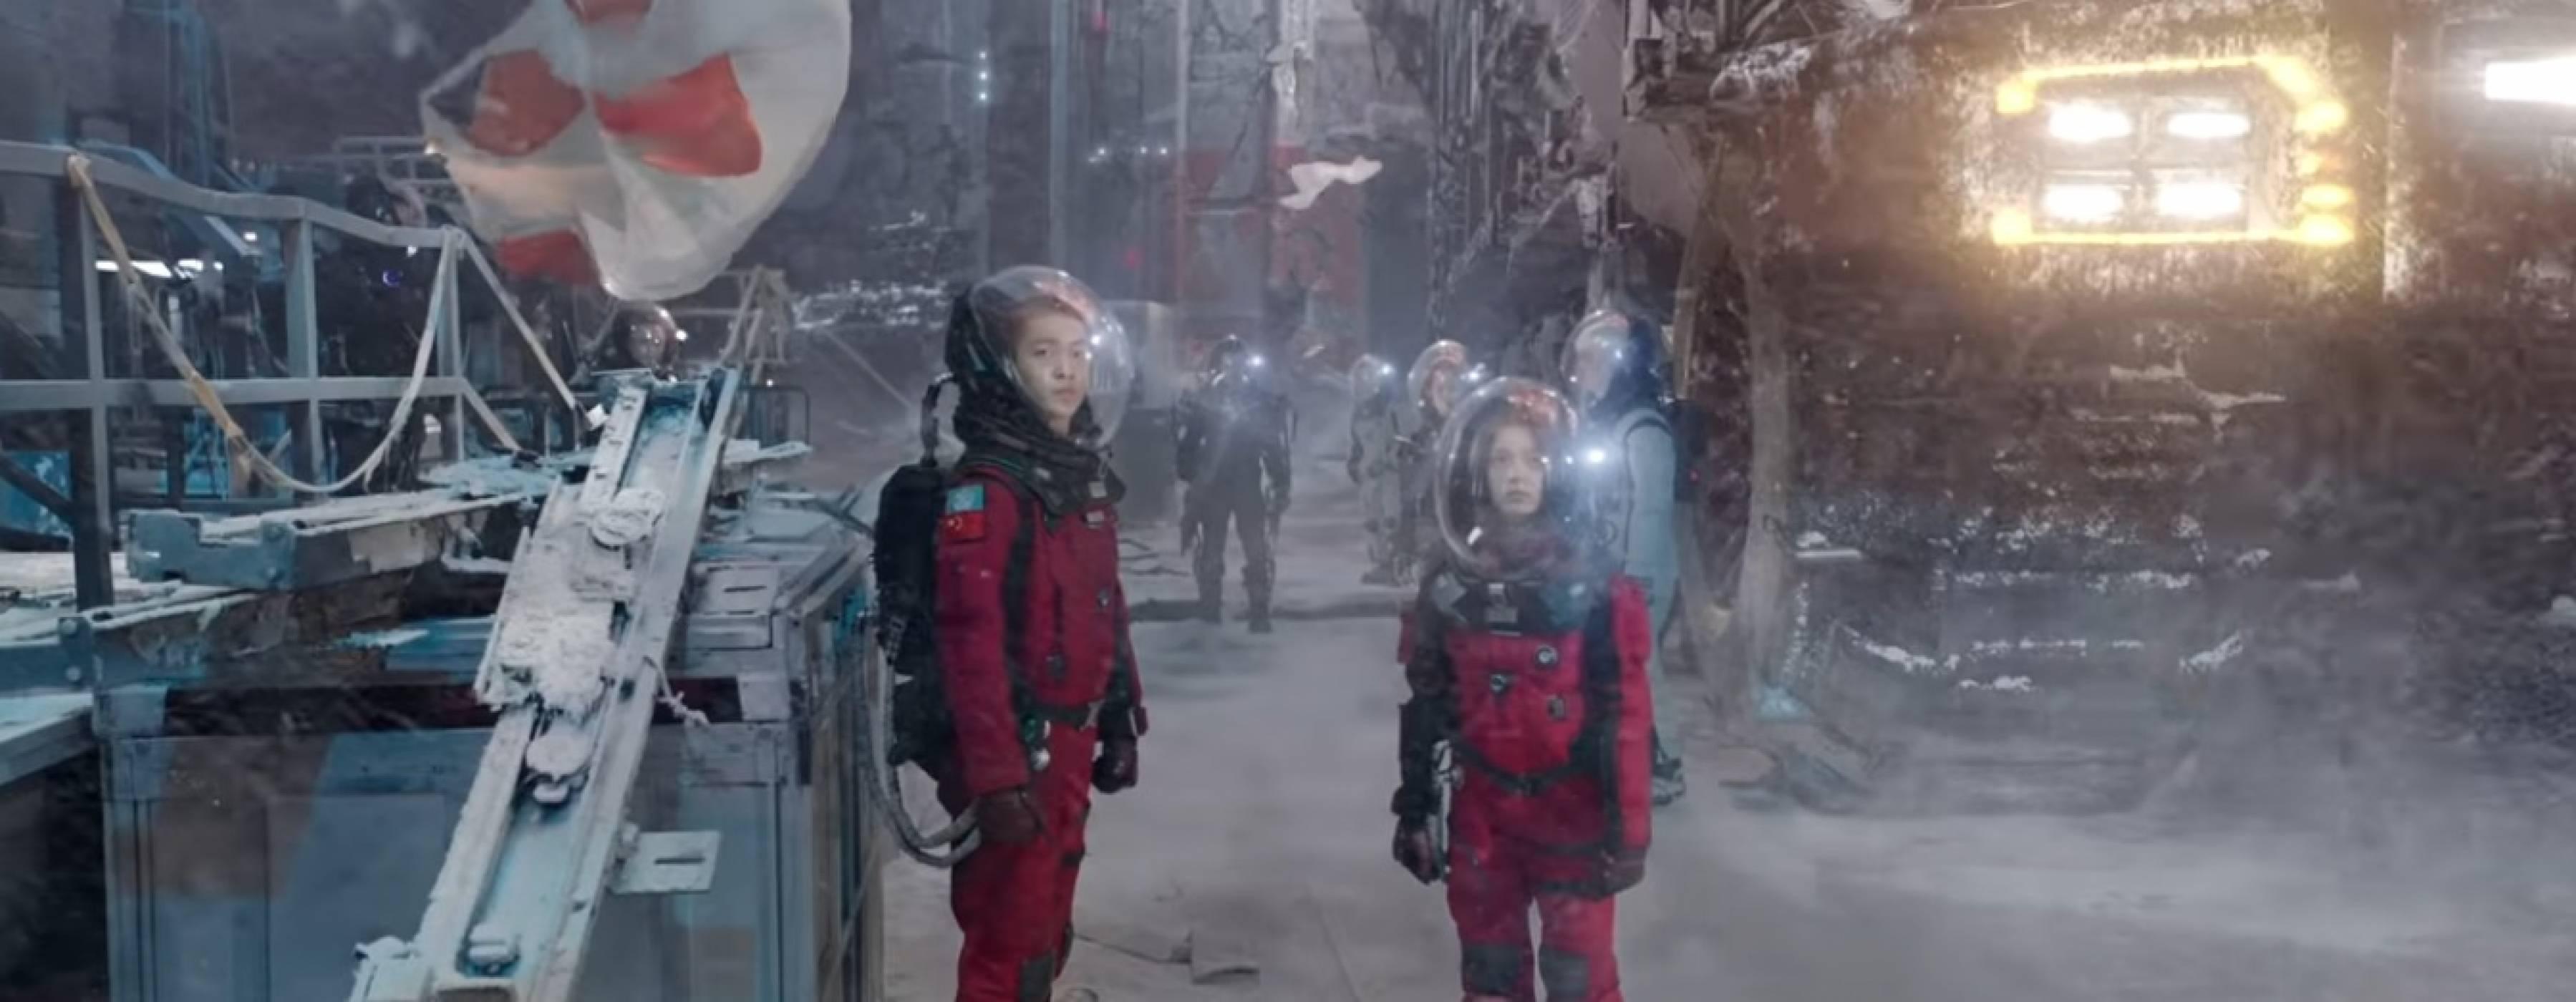 Новият трейлър на китайската суперпродукция The Wandering Earth показва отчаян план да спасим планетата